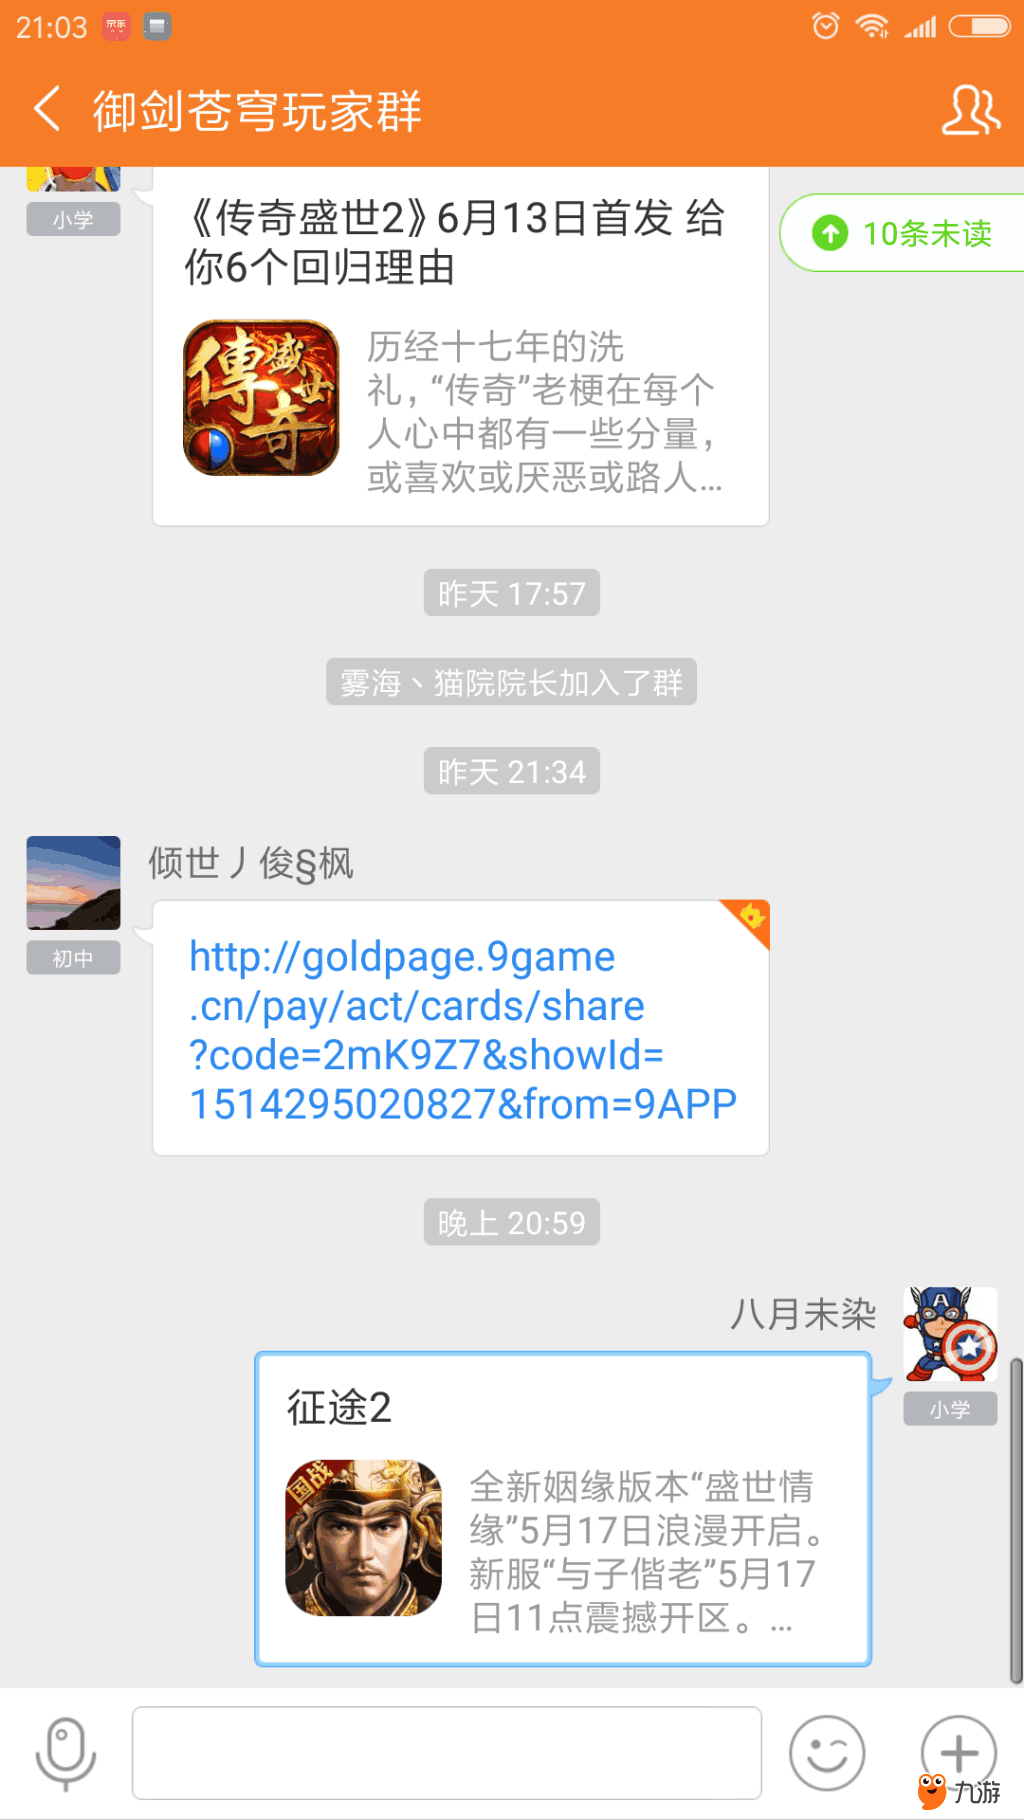 Screenshot_2018s06s14s21s03s32s079_cn.ninegame.ga.png